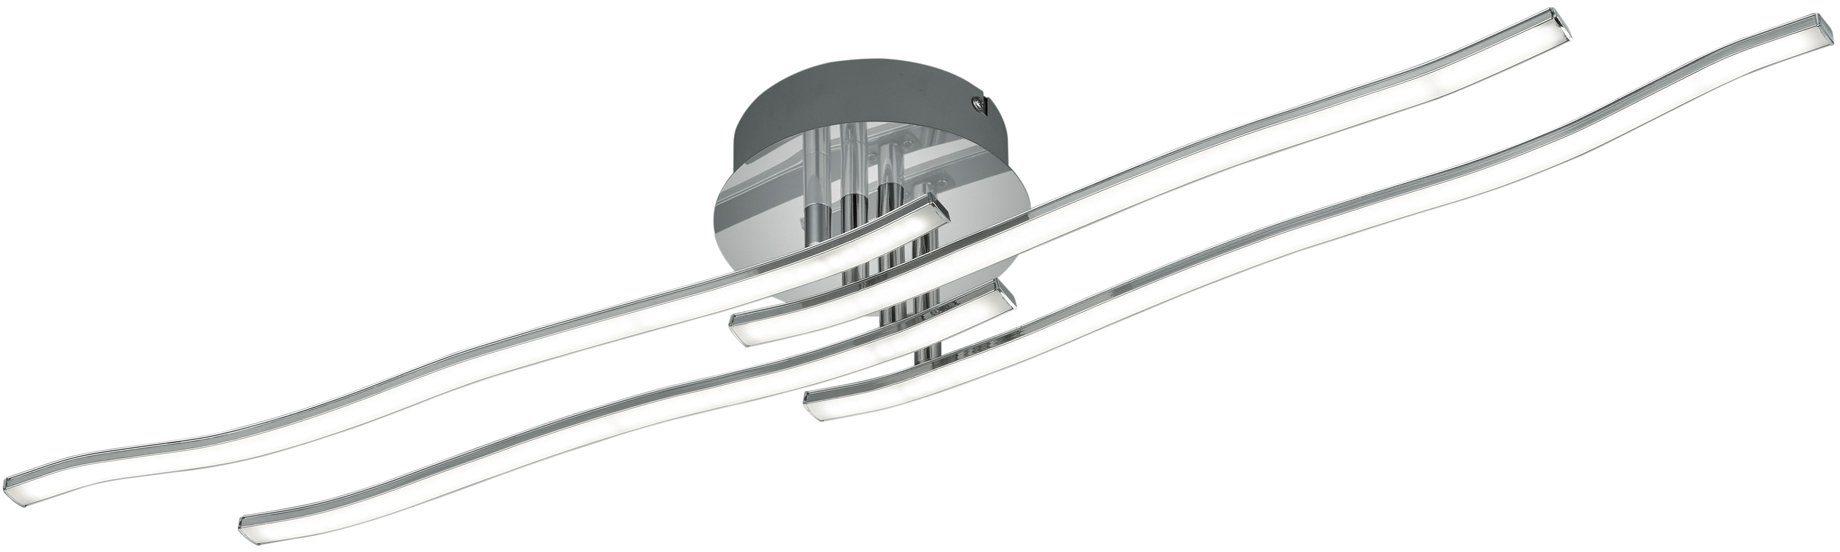 TRIO Leuchten LED Deckenleuchte »CATOKI«